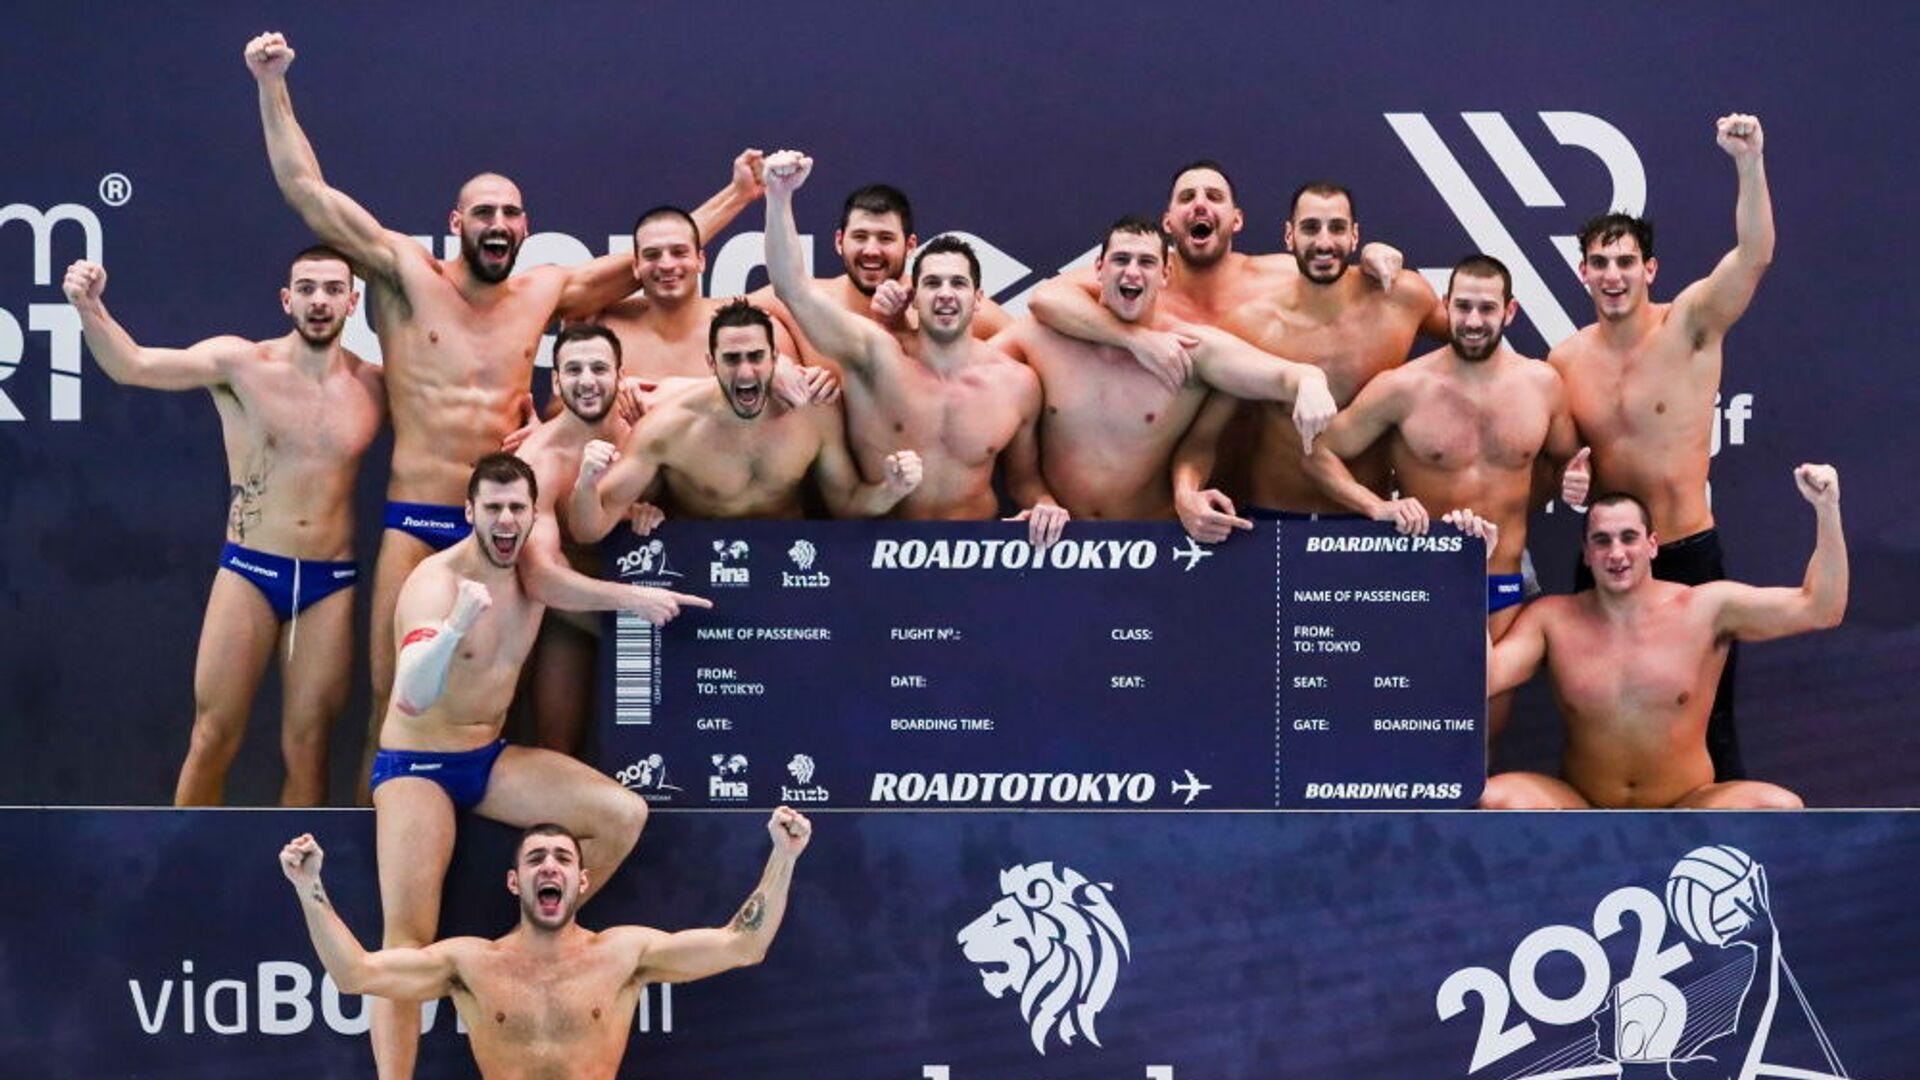 Πανηγυρισμοί της Εθνικής Ομάδας πόλο ανδρών για την πρόκριση στους Ολυμπιακούς Αγώνες του Τόκιο, 20 Φεβρουαρίου 2021 - Sputnik Ελλάδα, 1920, 04.08.2021